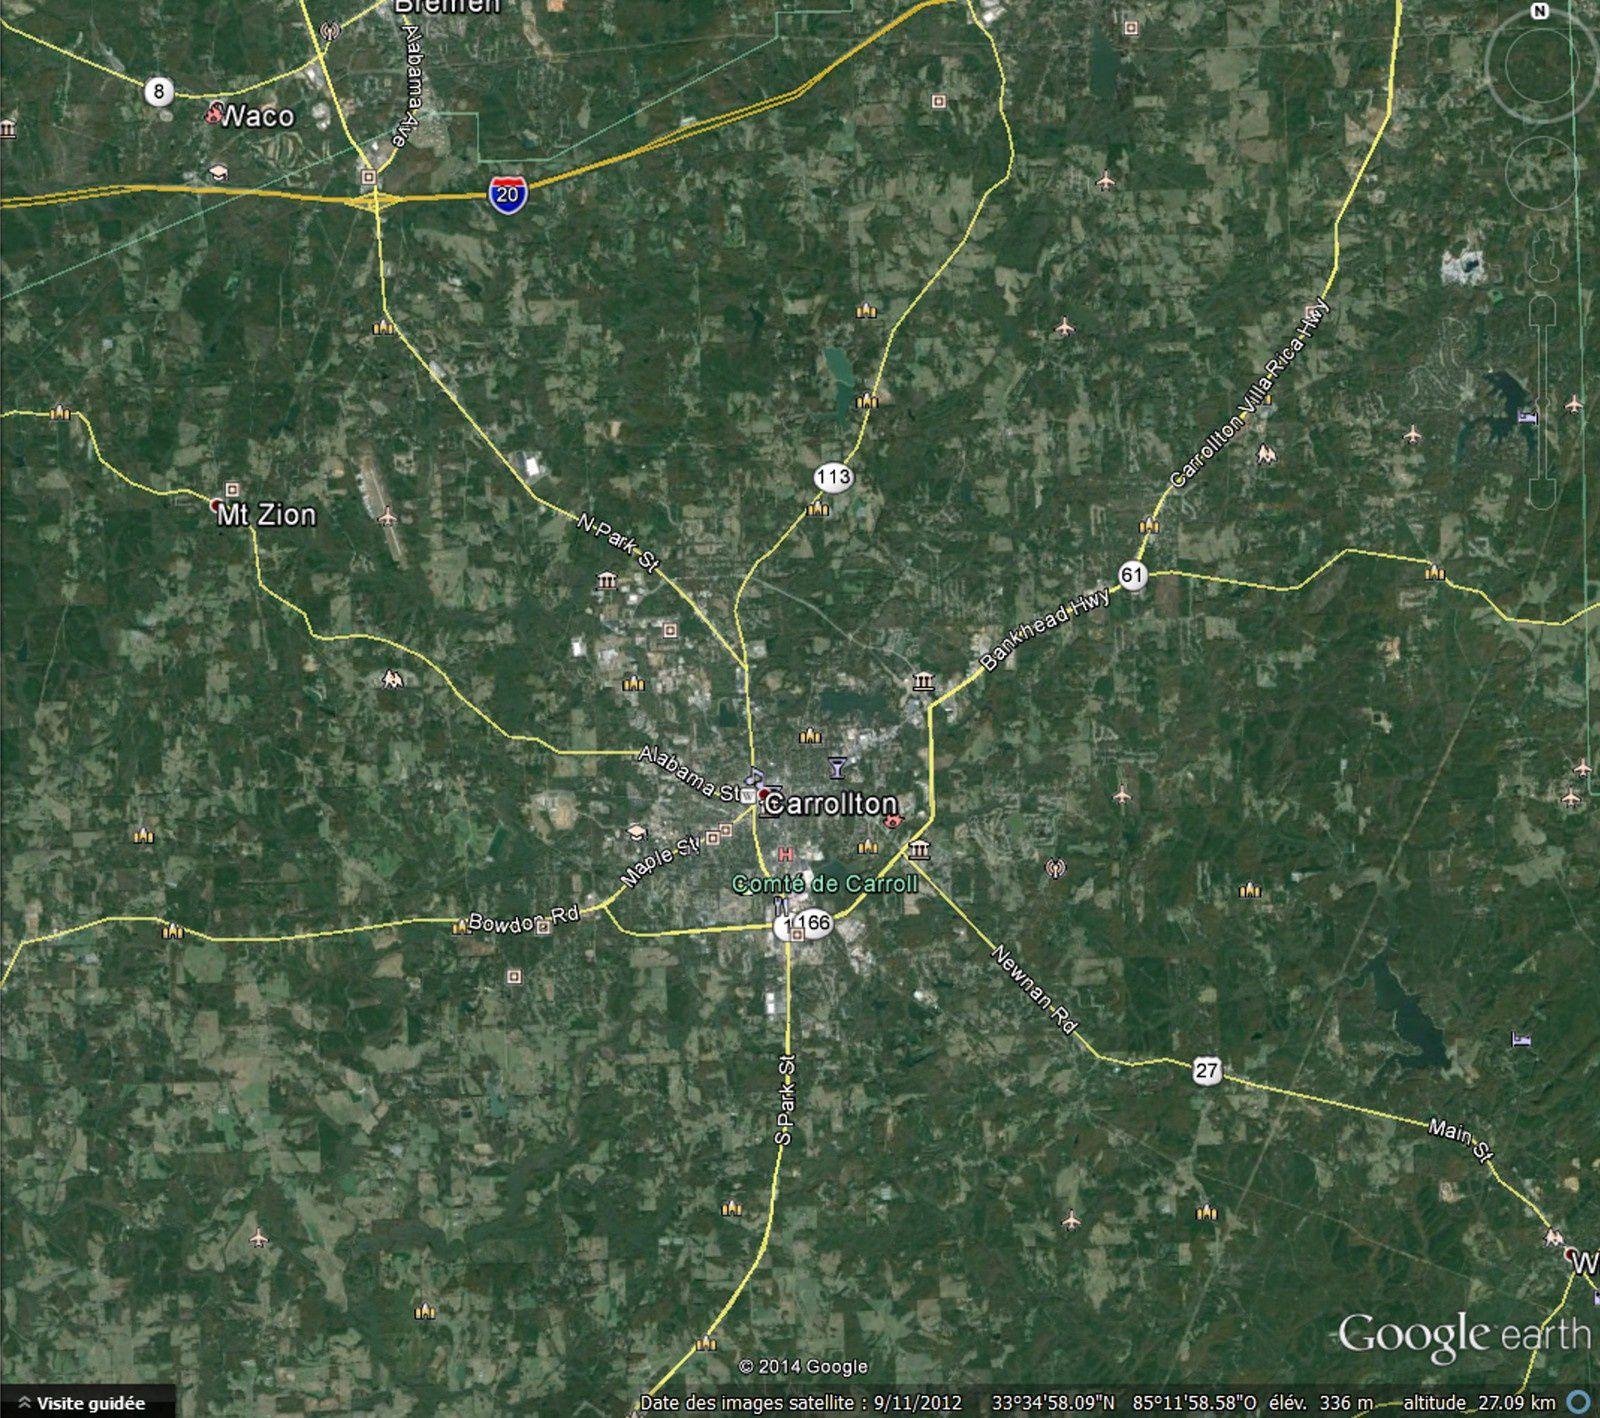 A 45 Km d'altitude, apparaissent, en jaune, les routes et autoroutes. Nous distinguons très clairement maintenant :